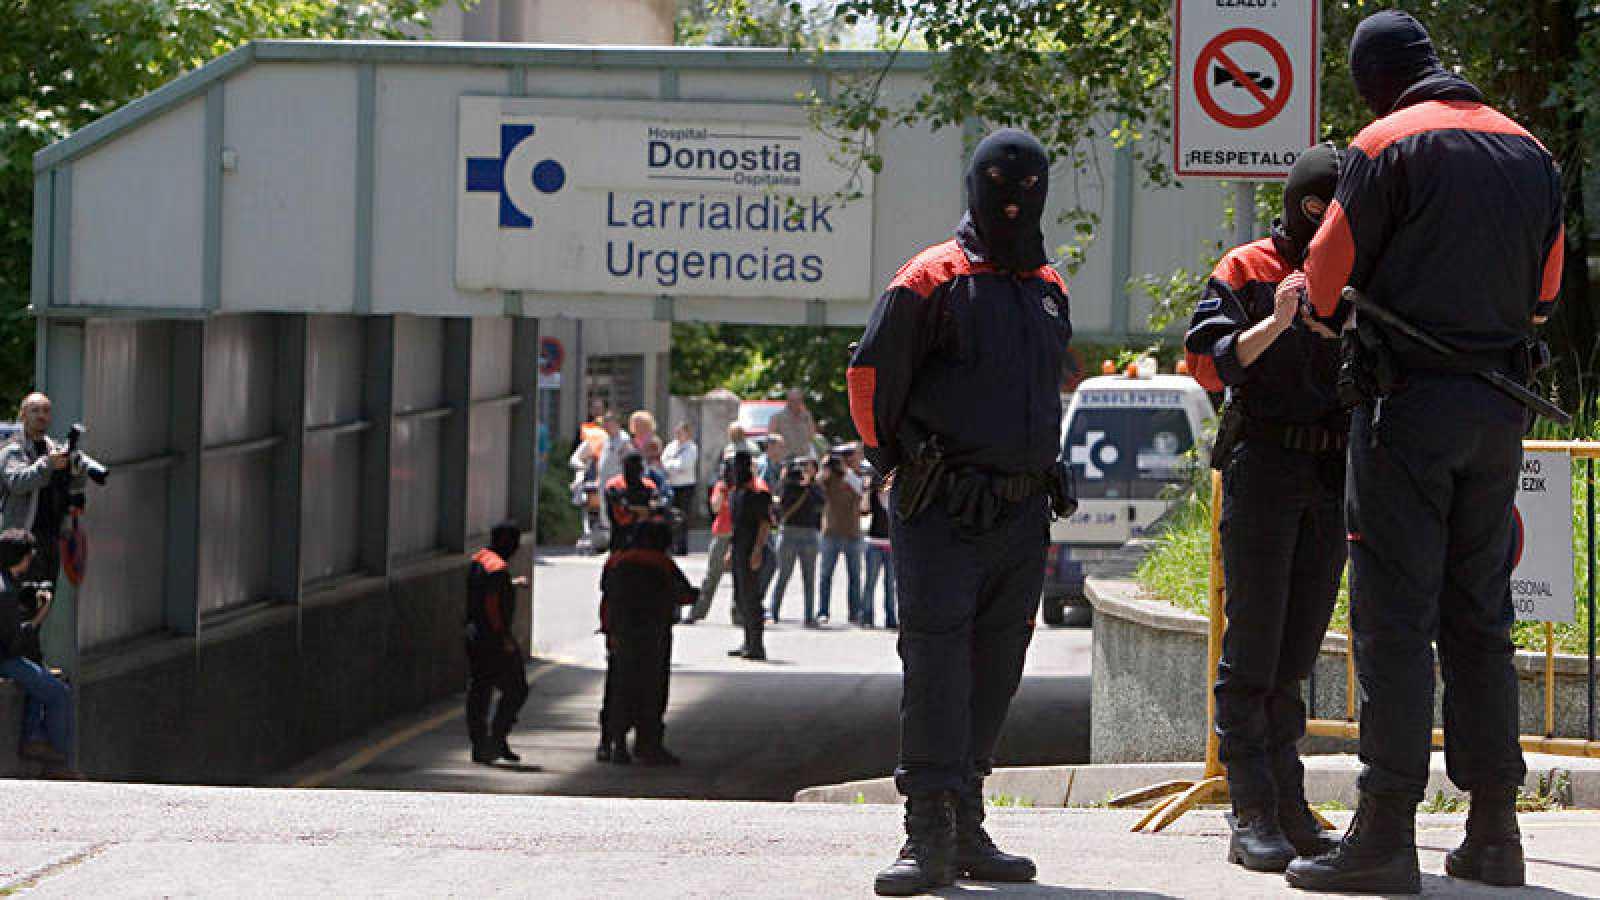 La entrada de urgencias del Hospital Donostia de San sebastián, donde ha sido ingresada la mujer maniatada que ha hallado la Ertzaintza